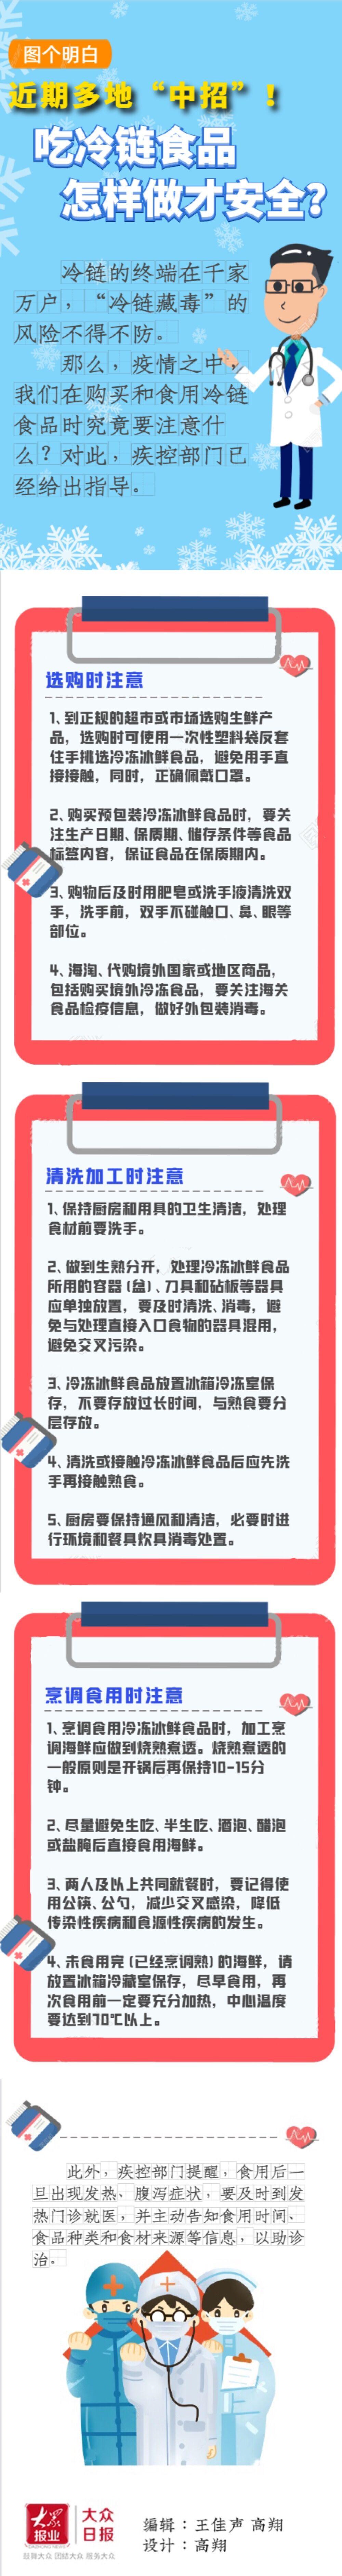 """《【天游在线娱乐】图个明白 近期多地""""中招""""!吃冷链食品怎样做才安全?》"""